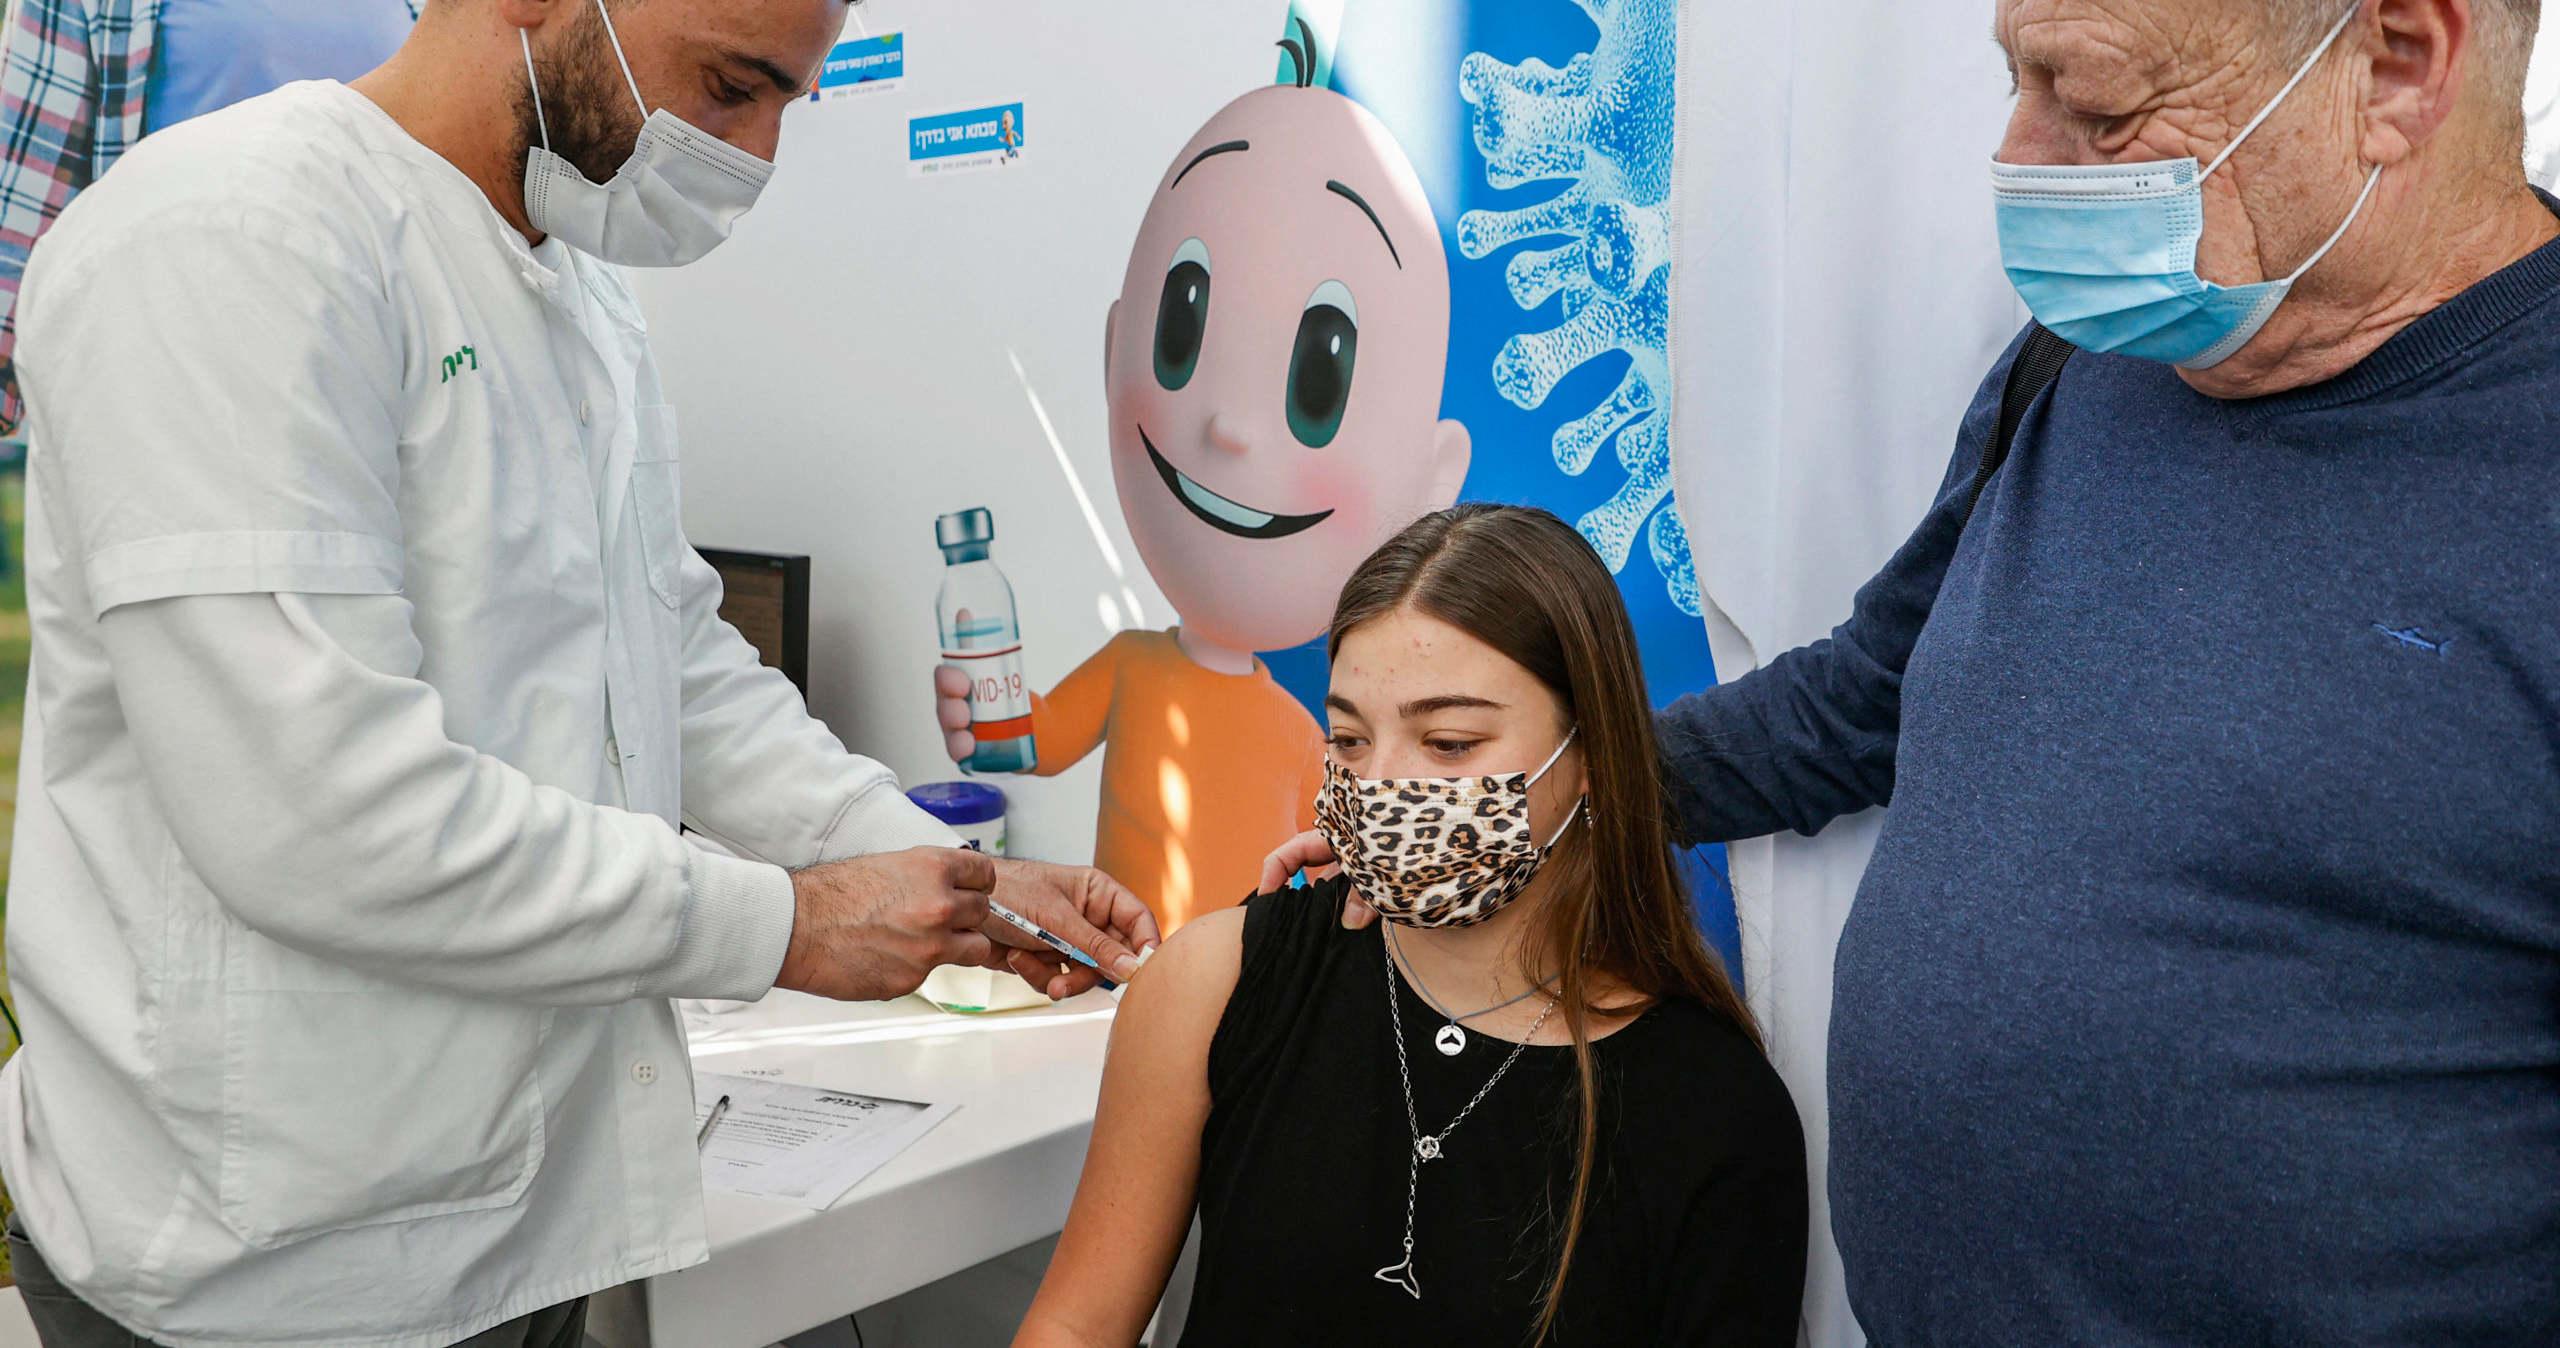 Tiszta vizet öntött a pohárba az immunológus: ezért fontos a gyerekek Covid-oltása